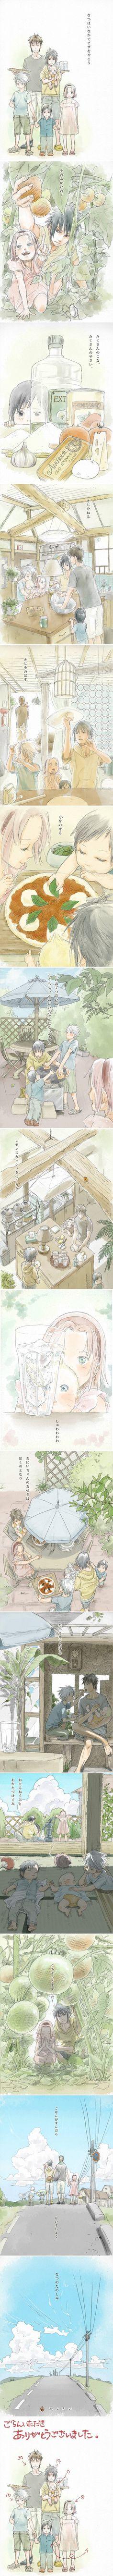 Kakashi, Yamato, Sasuke, Naruto, Sai, and Sakura as a family